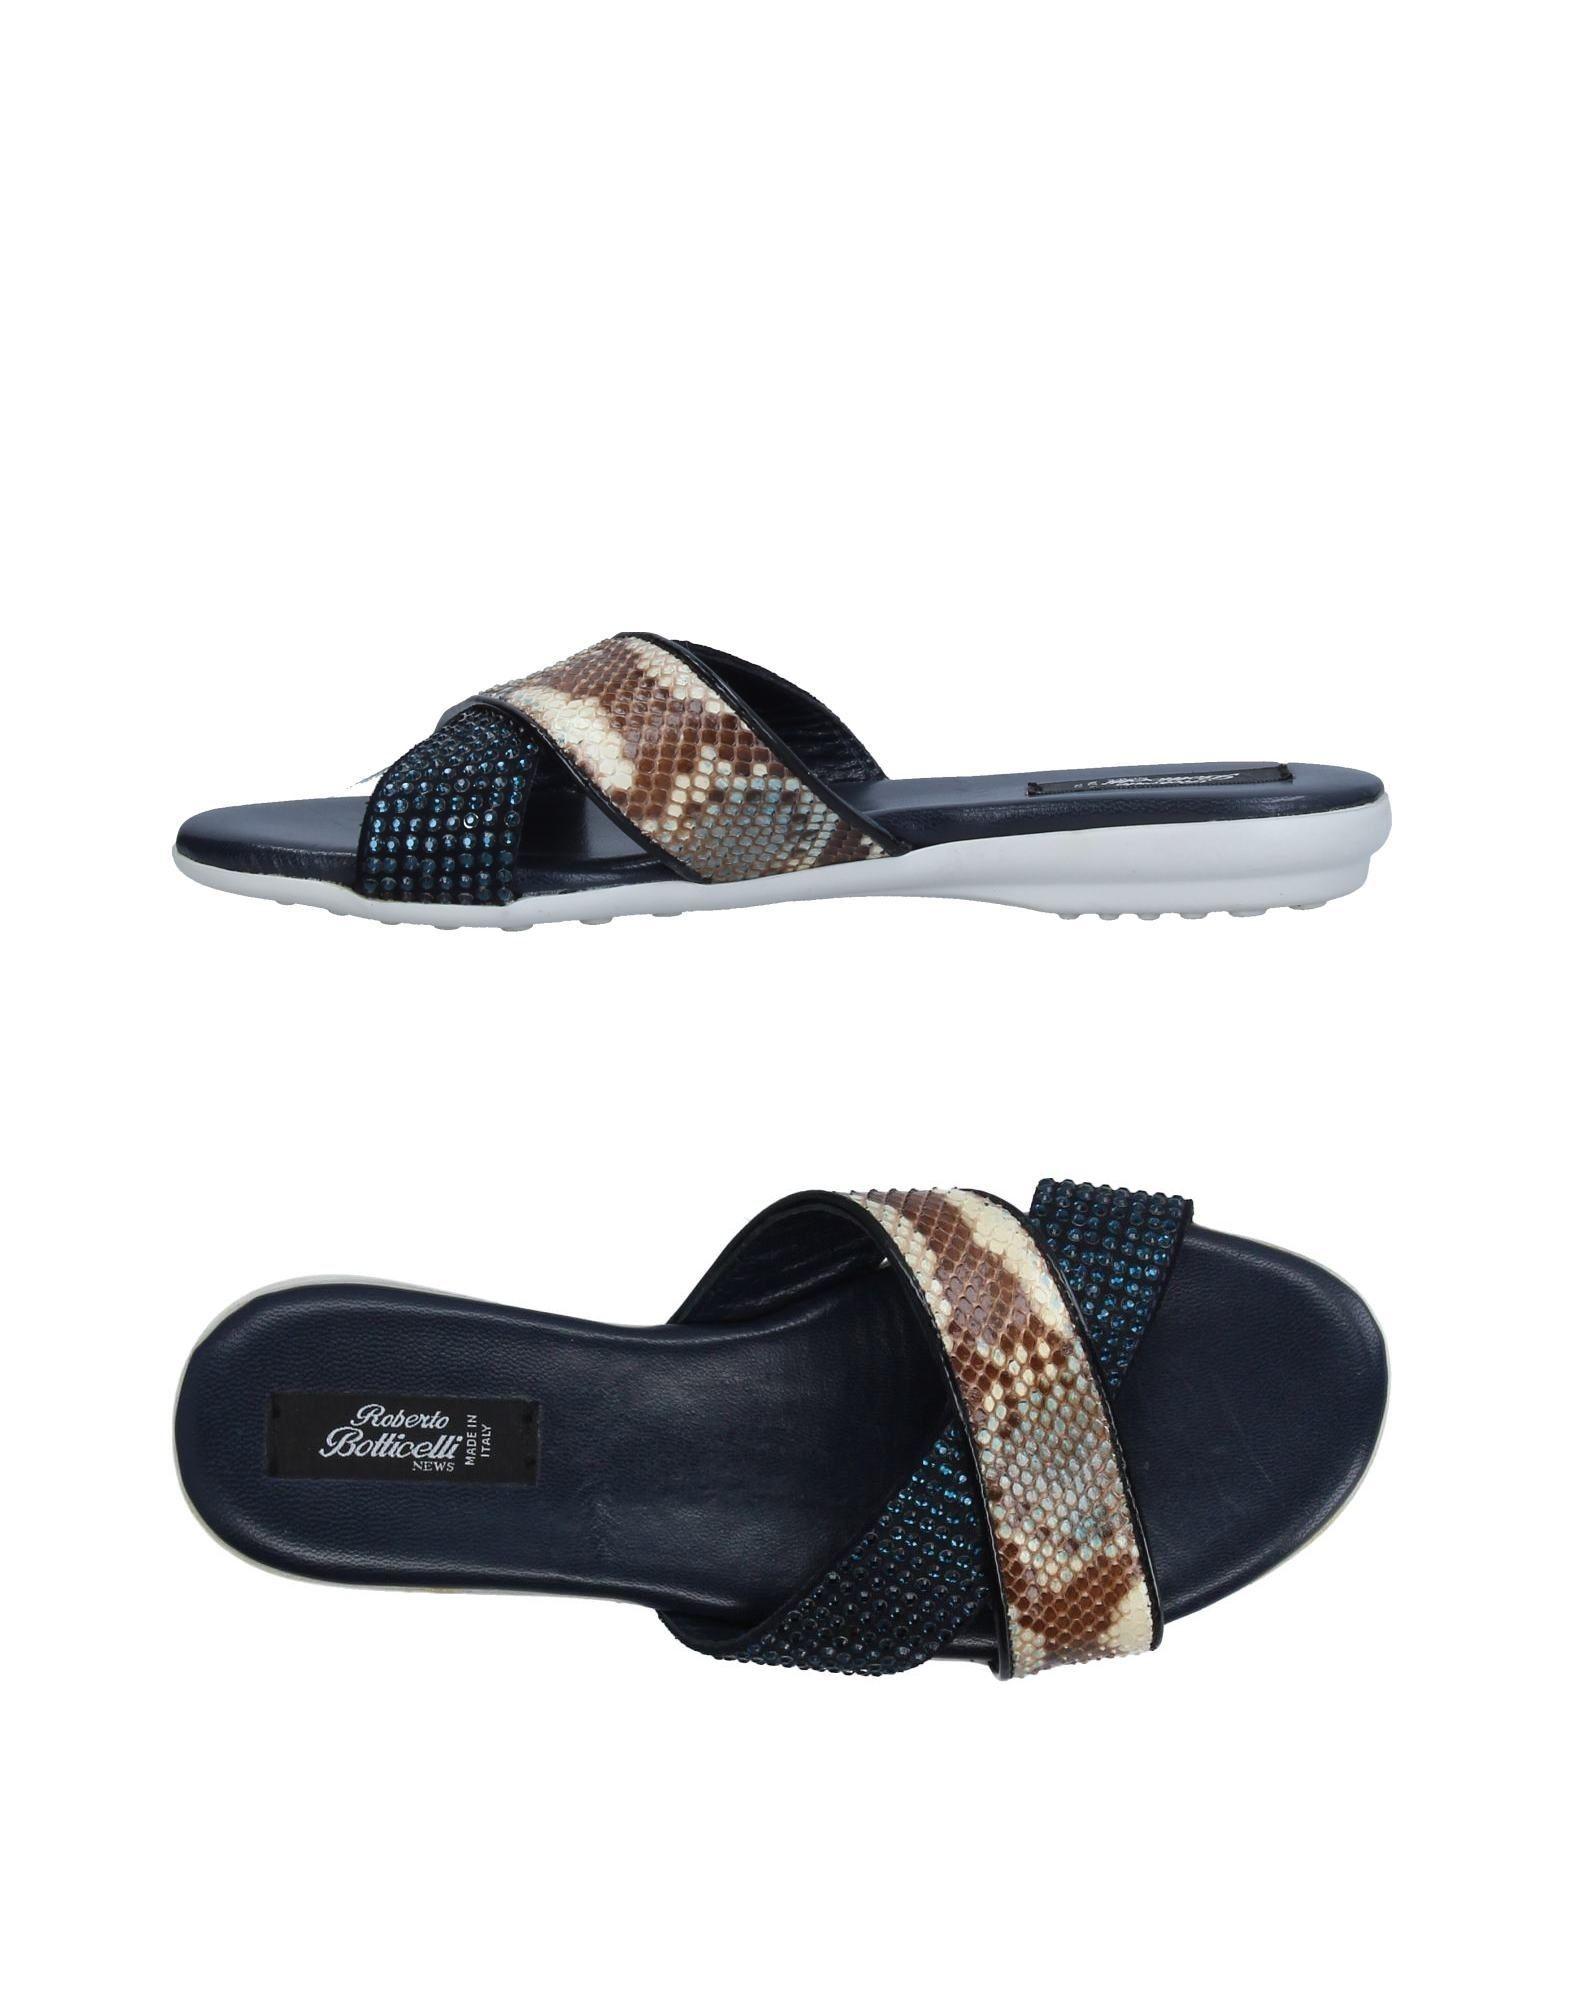 Chaussures - Sandales Post Orteils Giulia De Taddeucci Cbxwc6E